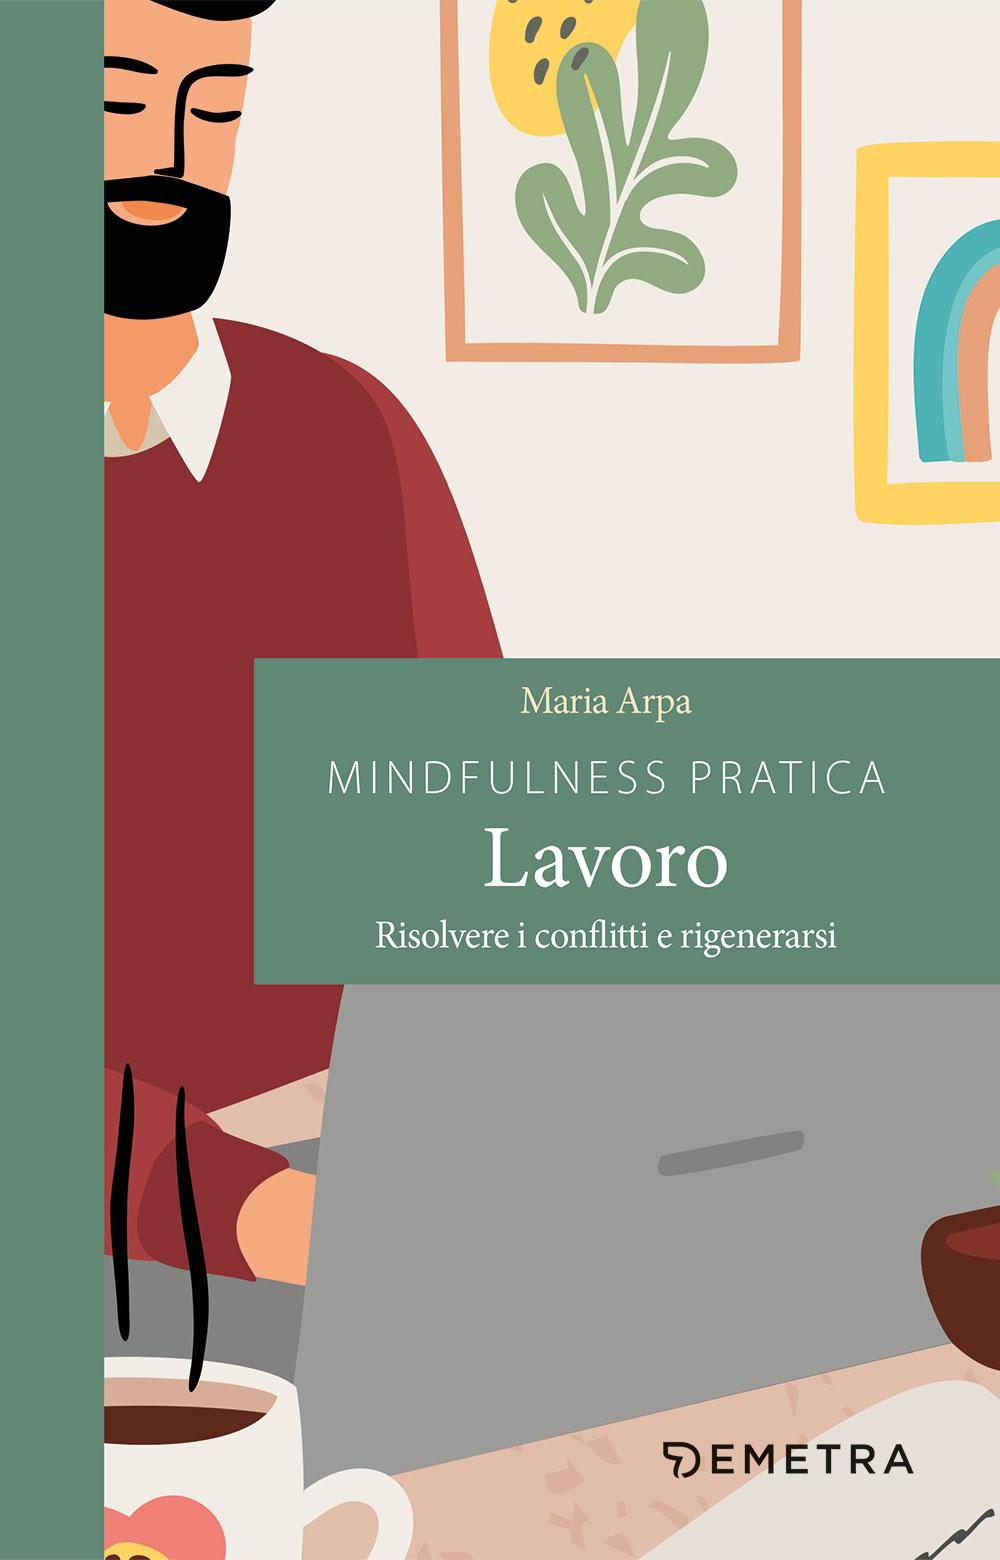 Mindfulness pratica lavoro